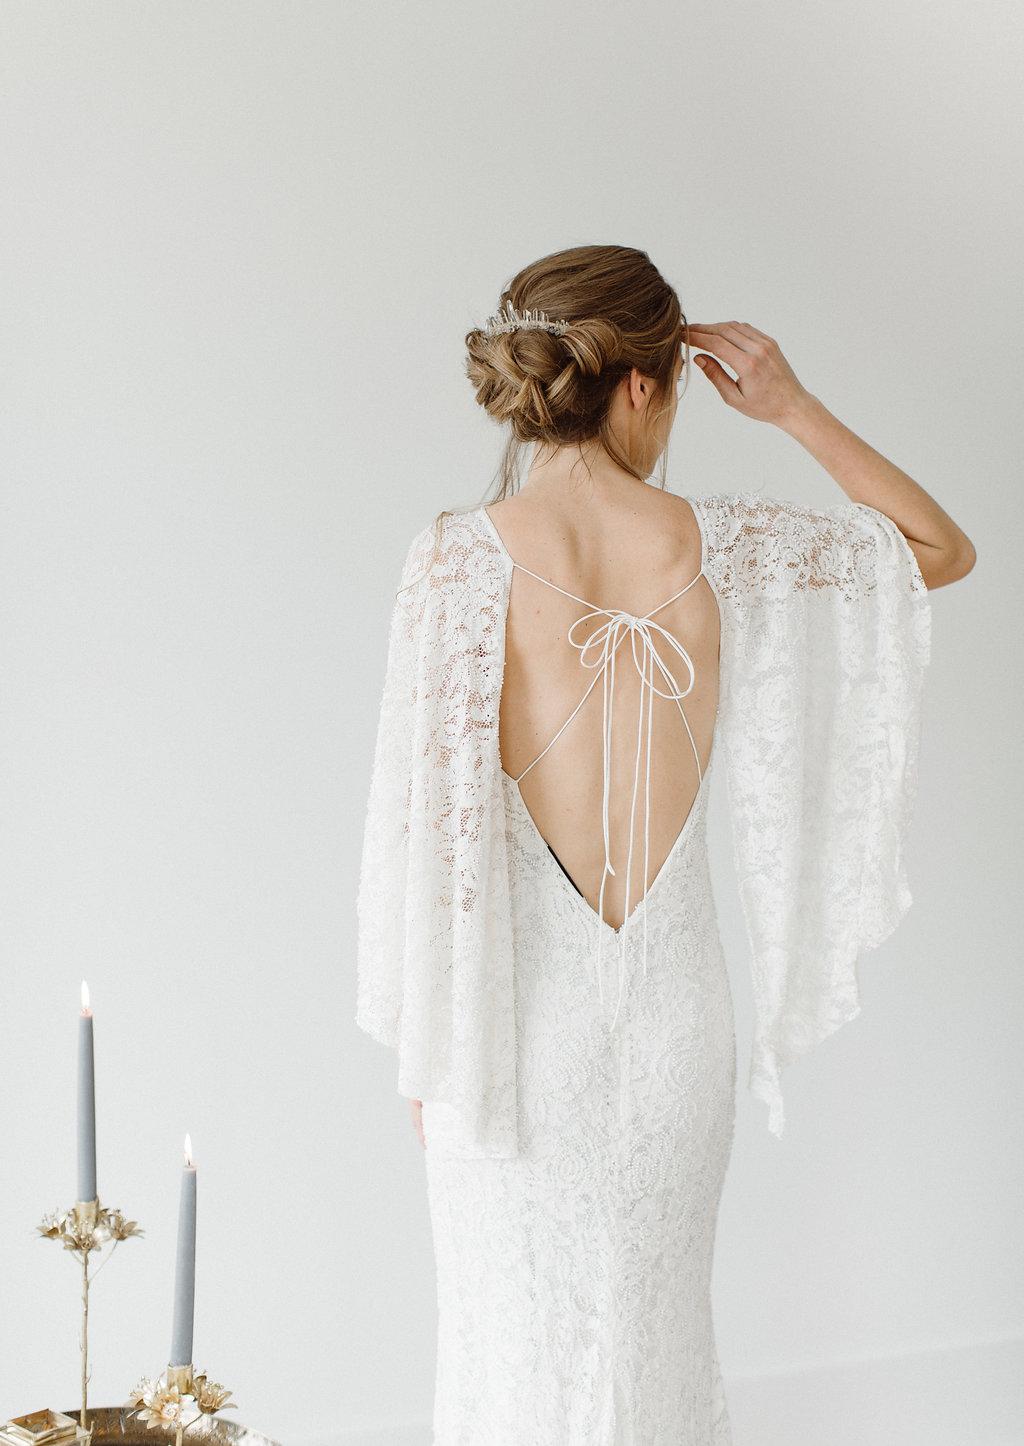 Everthine-Bridal-Ashley-Largesse-35.jpg